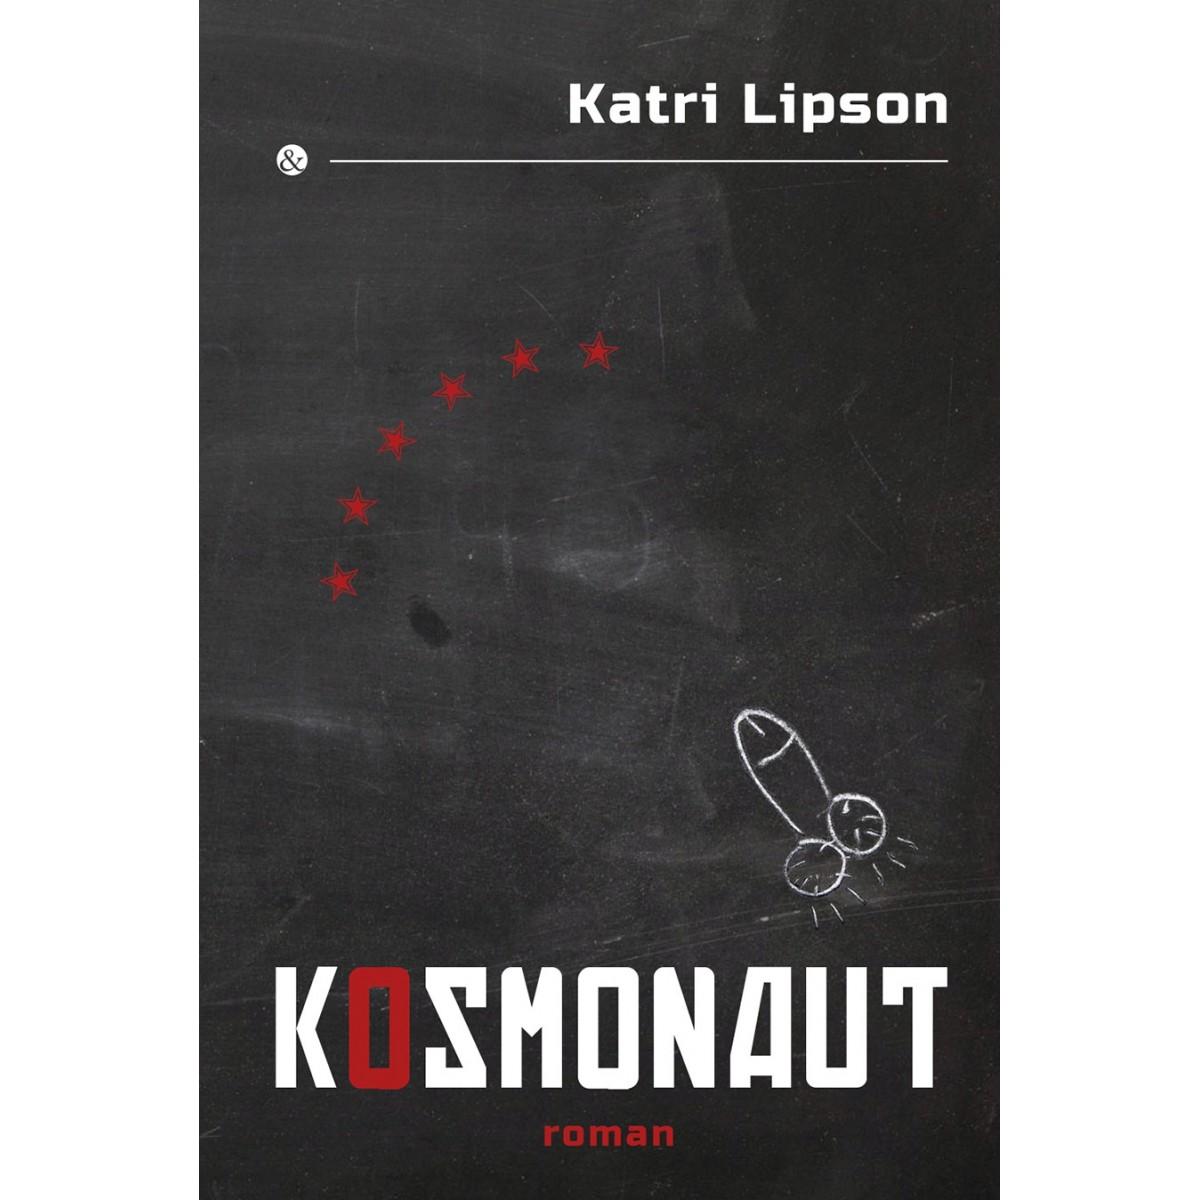 Katri Lipson: Kosmonaut